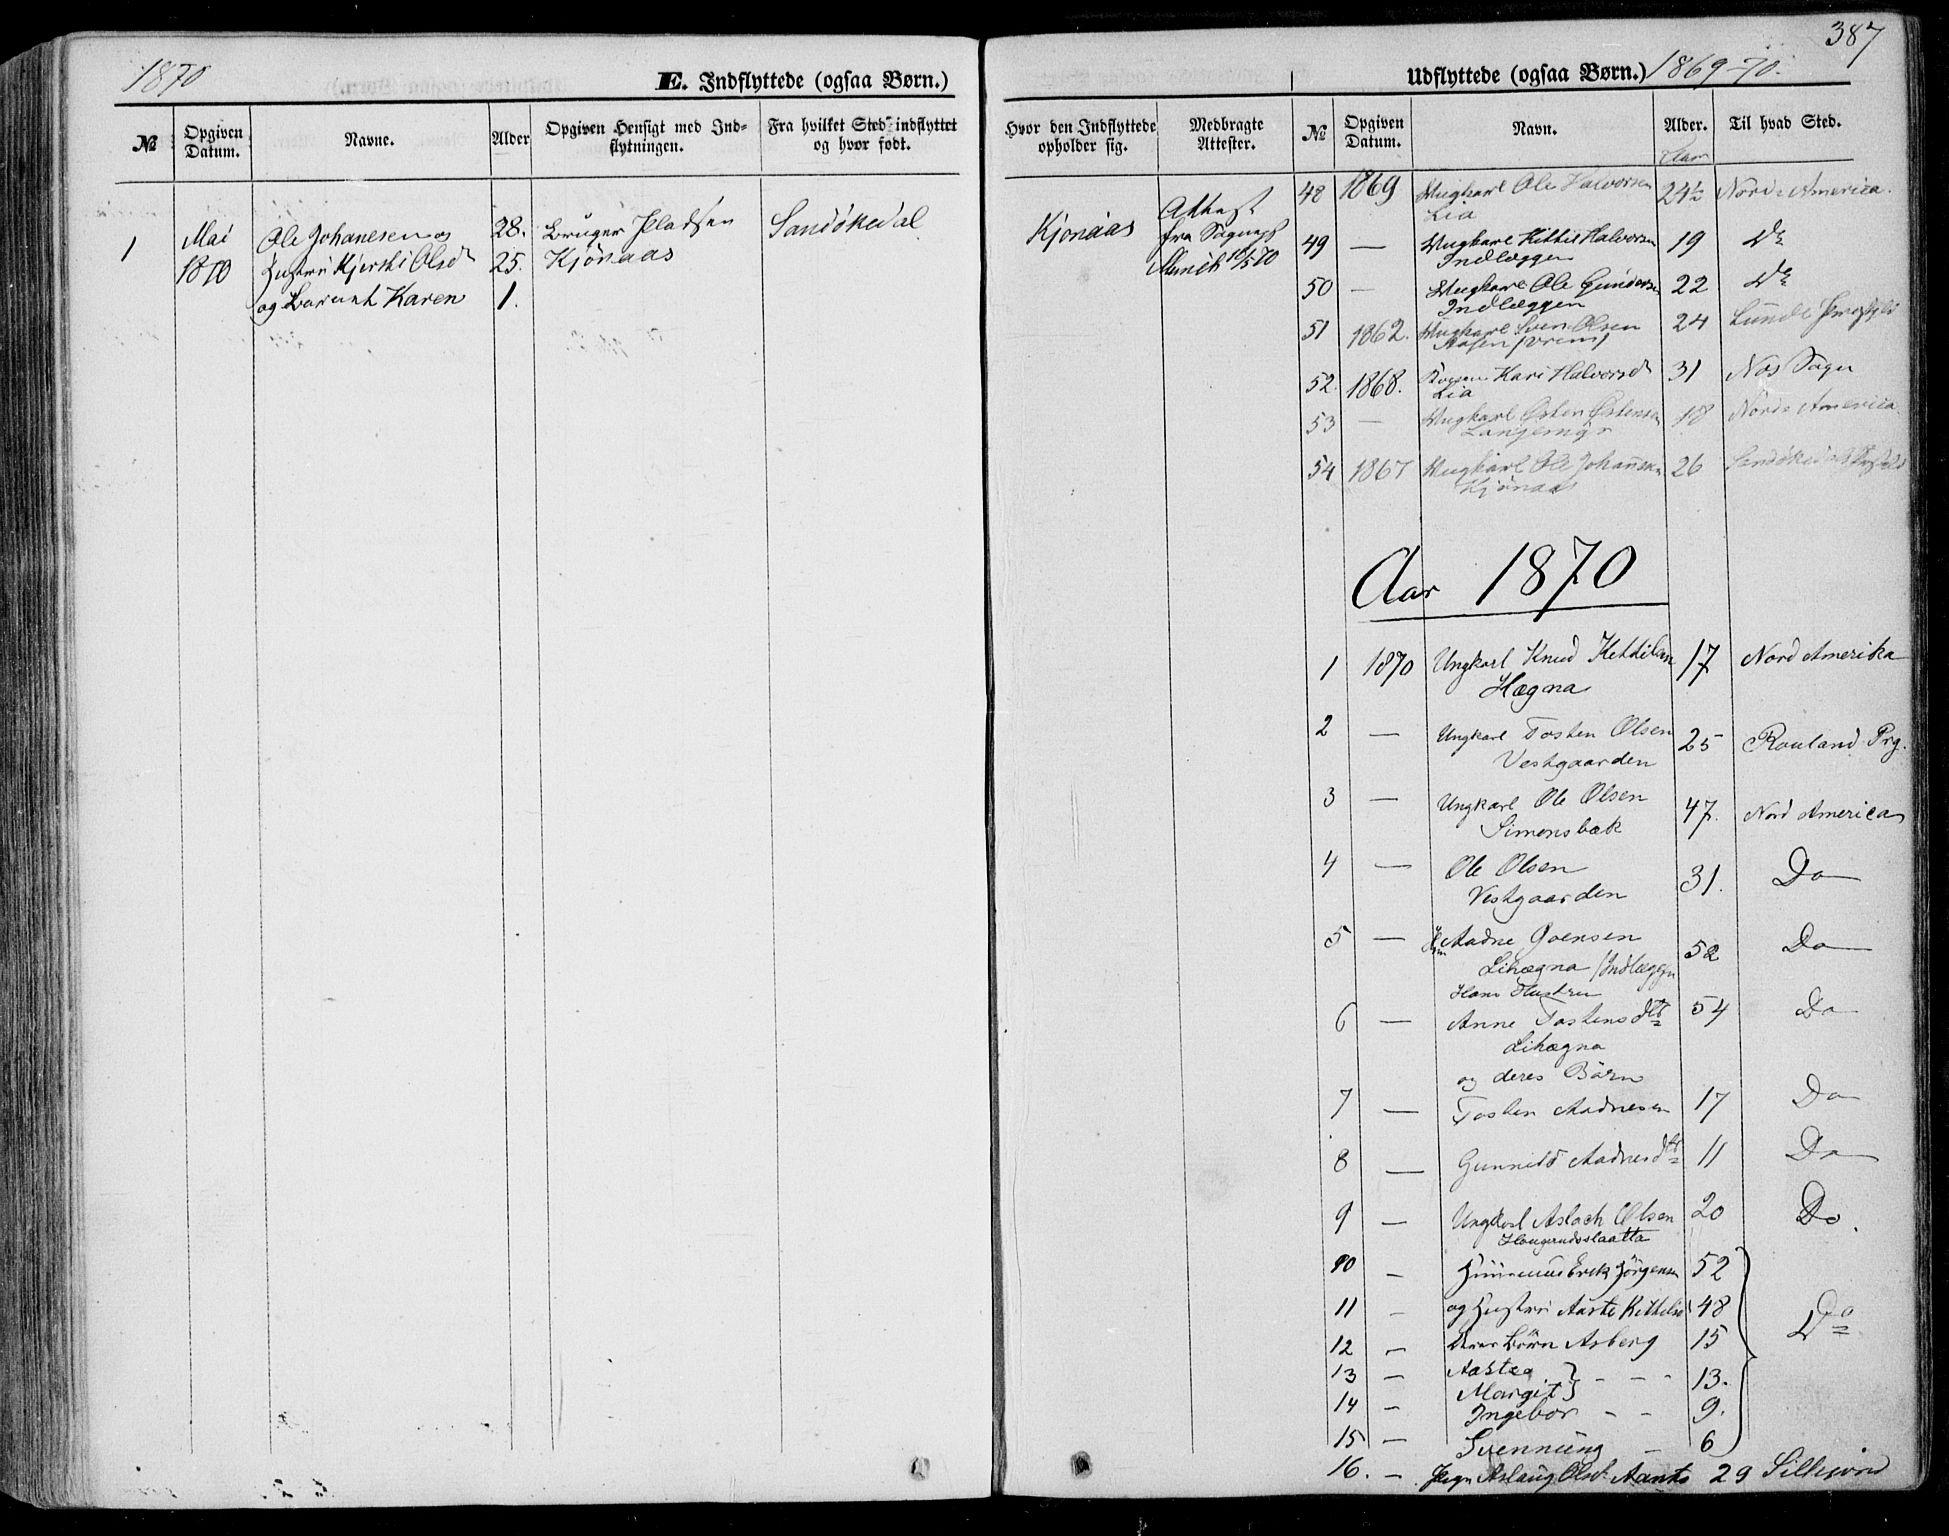 SAKO, Bø kirkebøker, F/Fa/L0009: Ministerialbok nr. 9, 1862-1879, s. 387